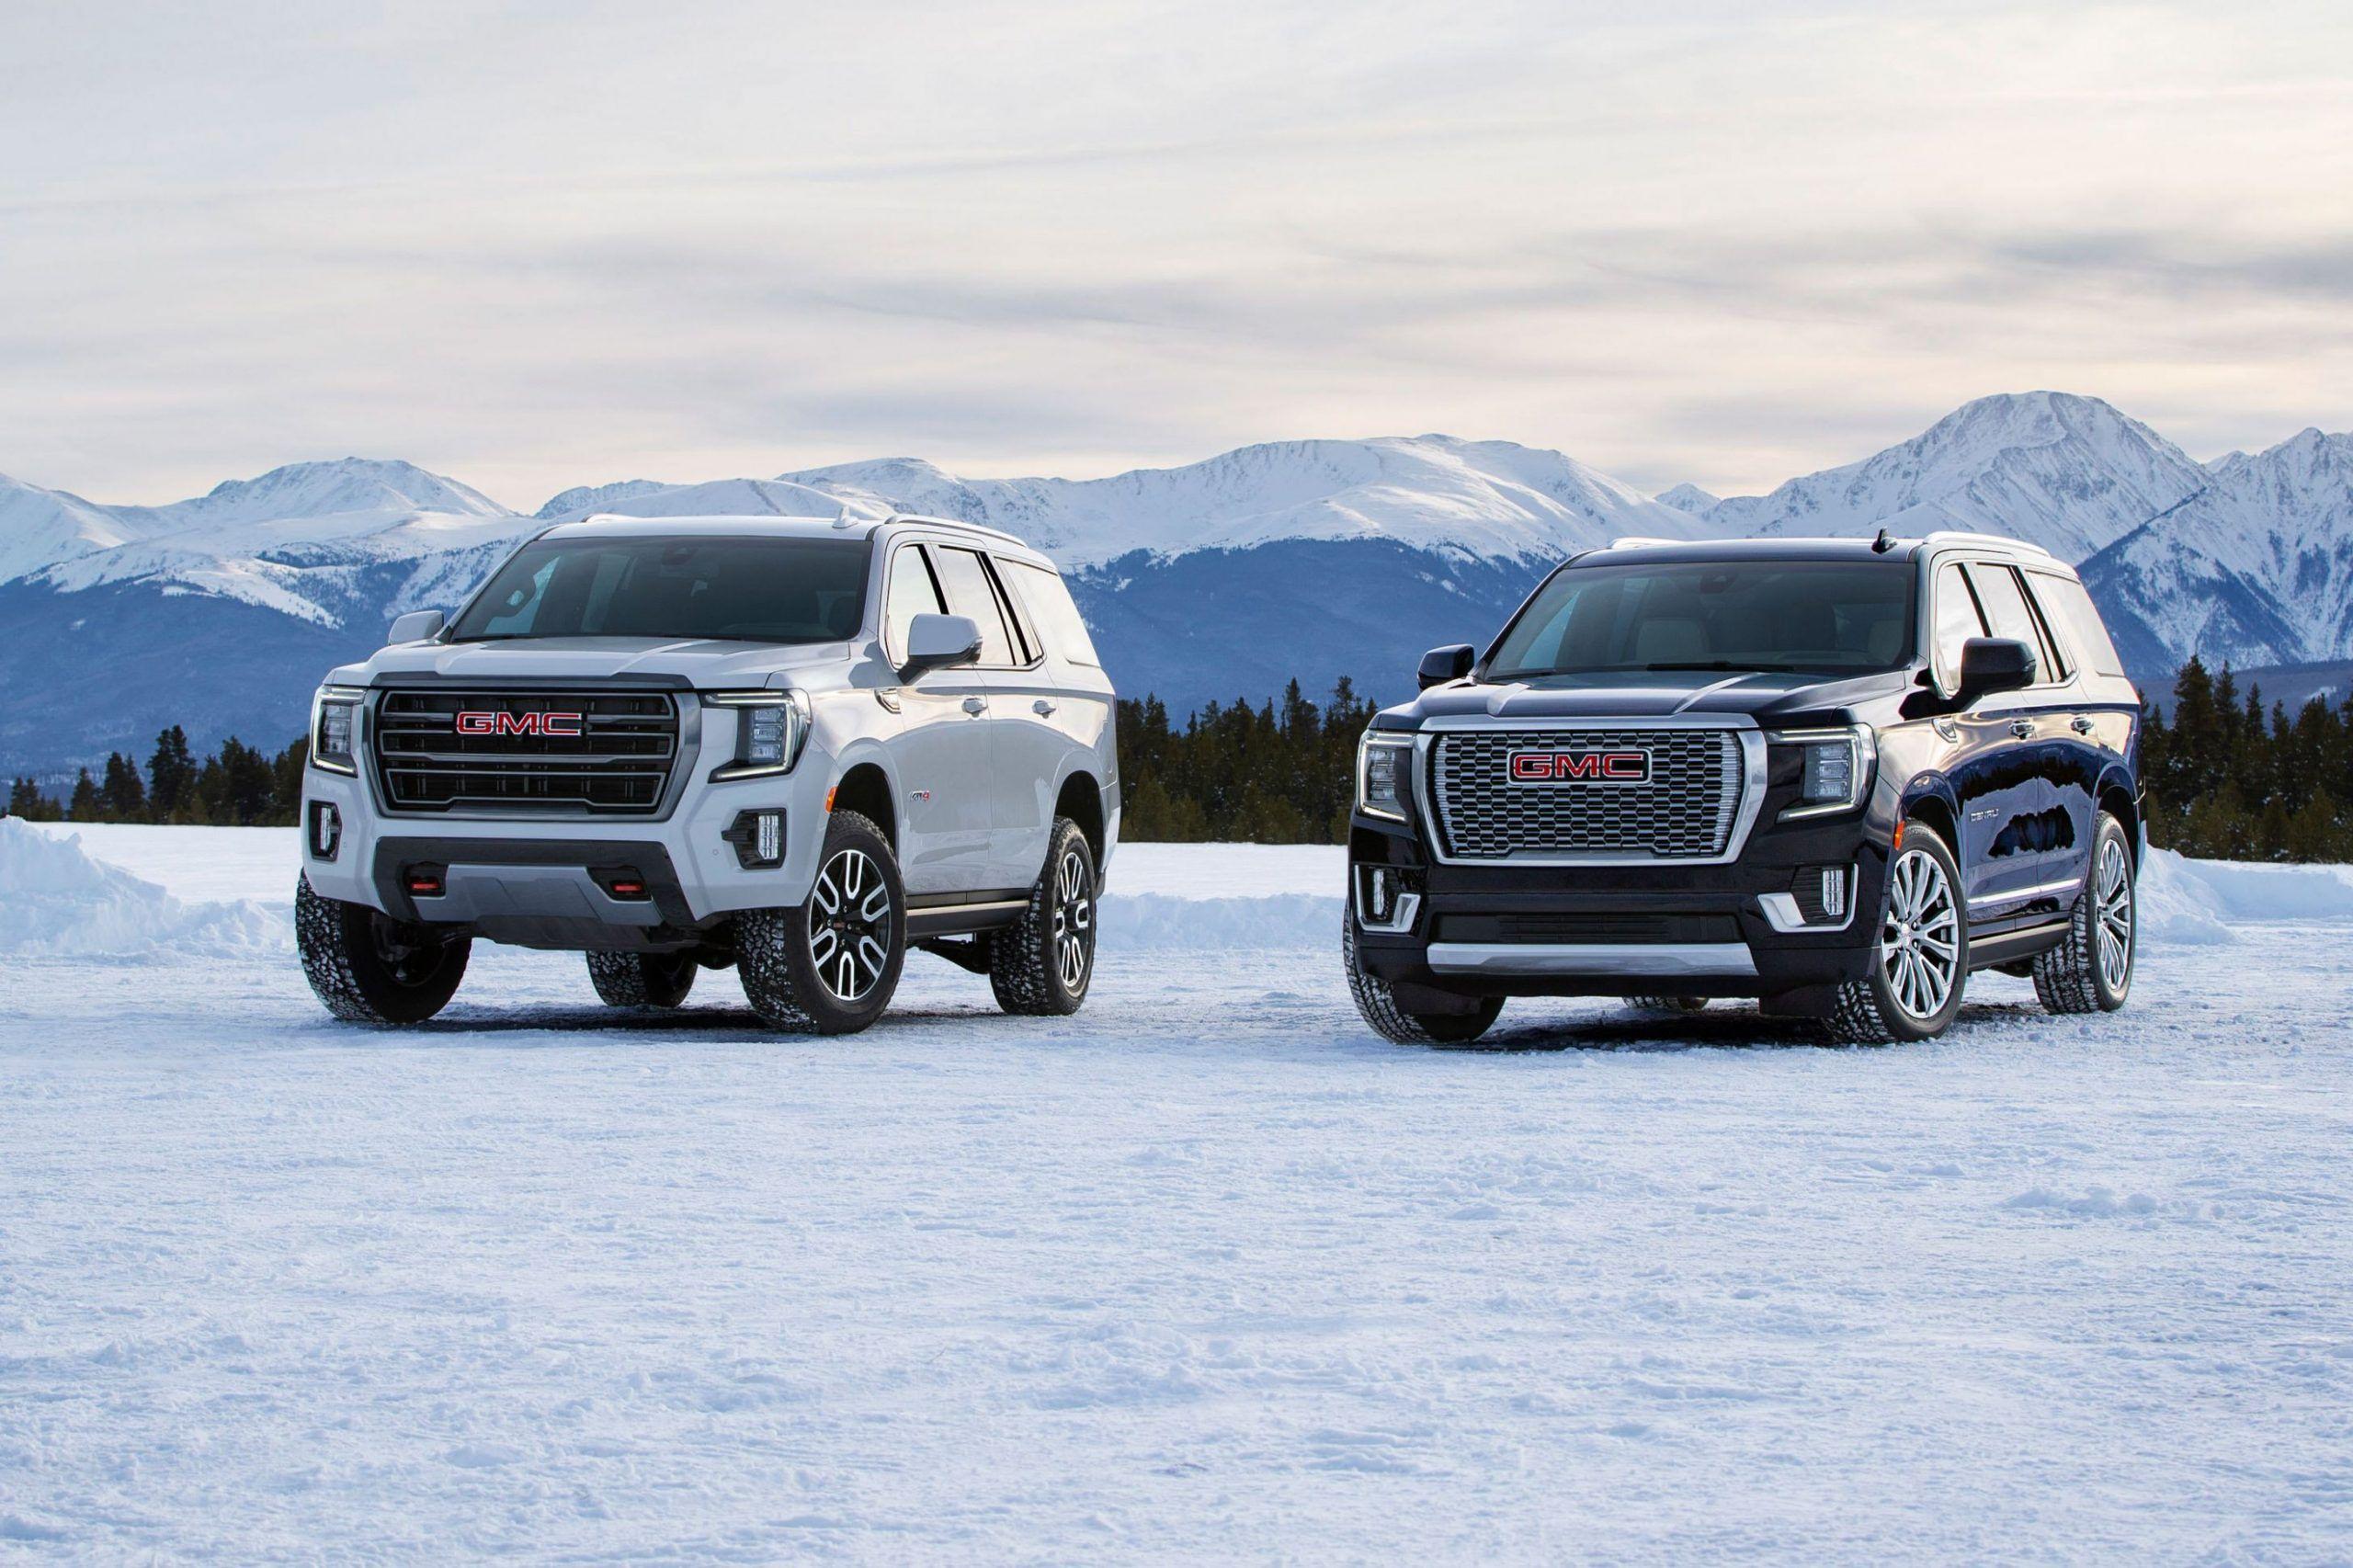 2021 Gmc Yukon Xl Denali Price Release Di 2020